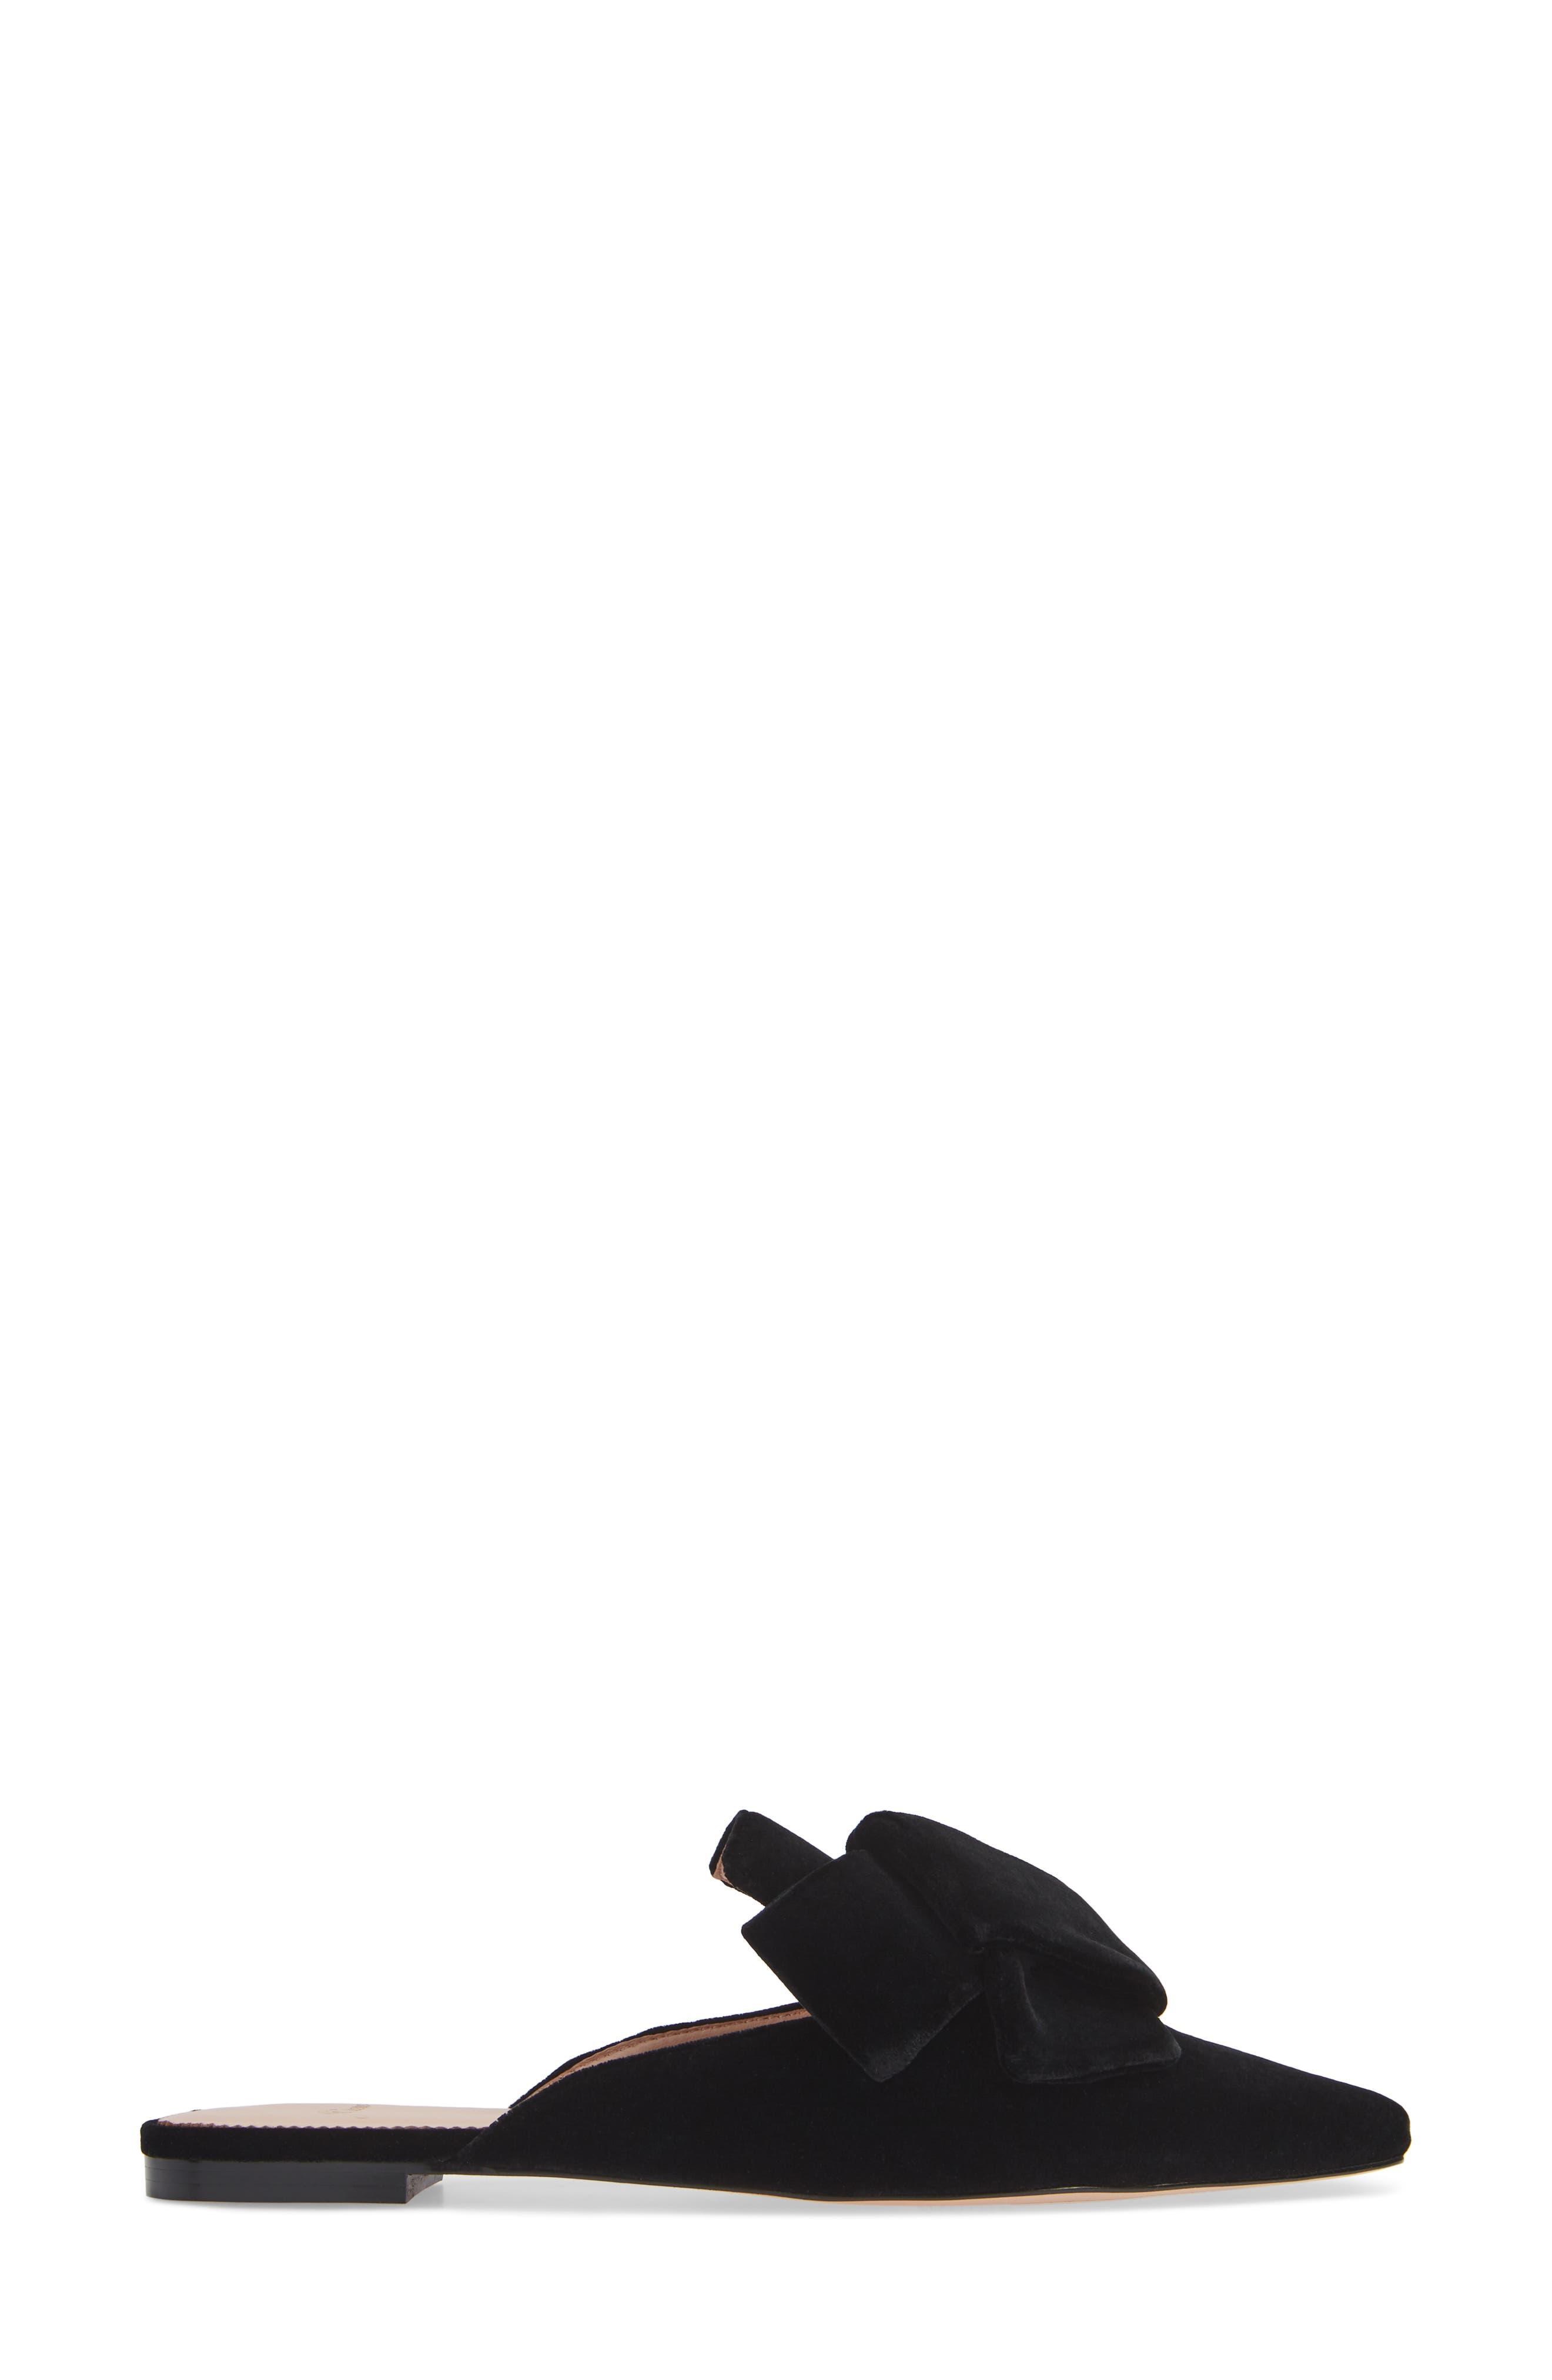 J.CREW, Pointed Toe Slide Sandal, Alternate thumbnail 3, color, BLACK VELVET